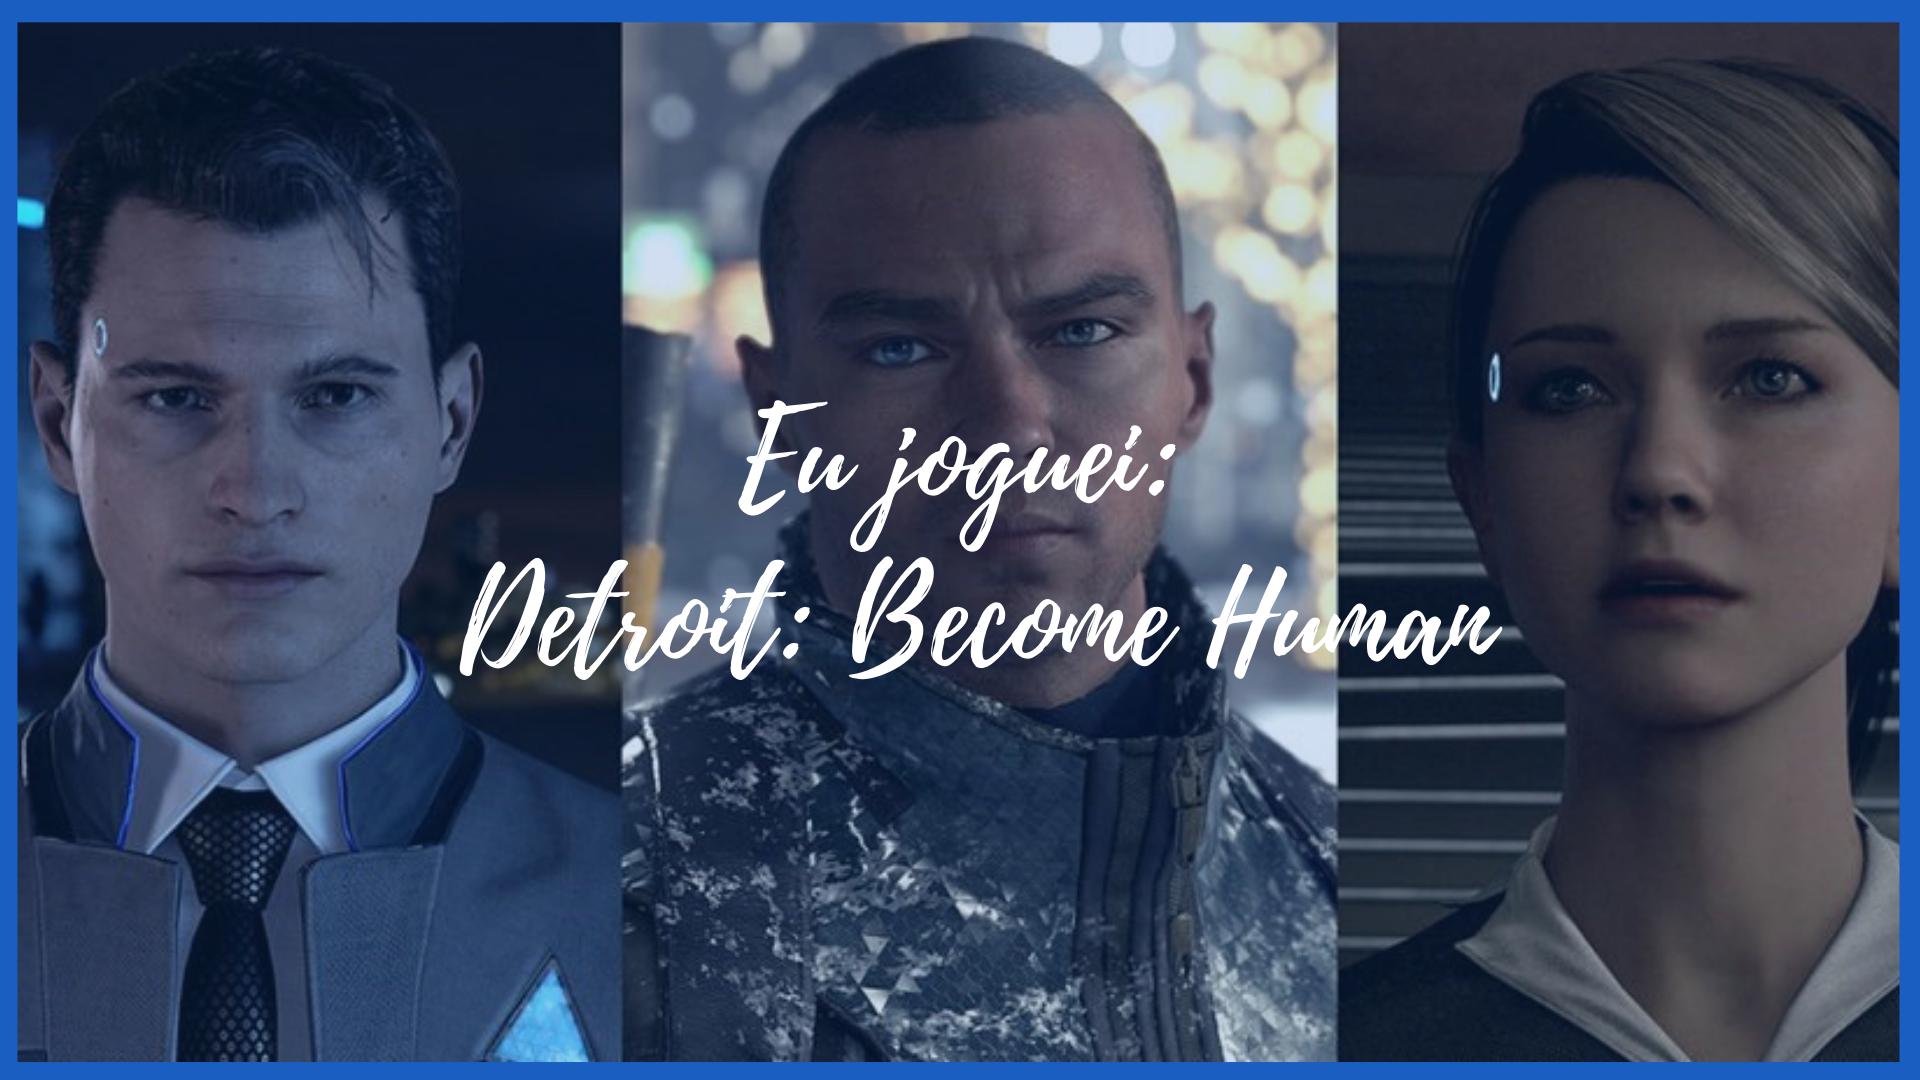 Eu joguei Detroit Become Human